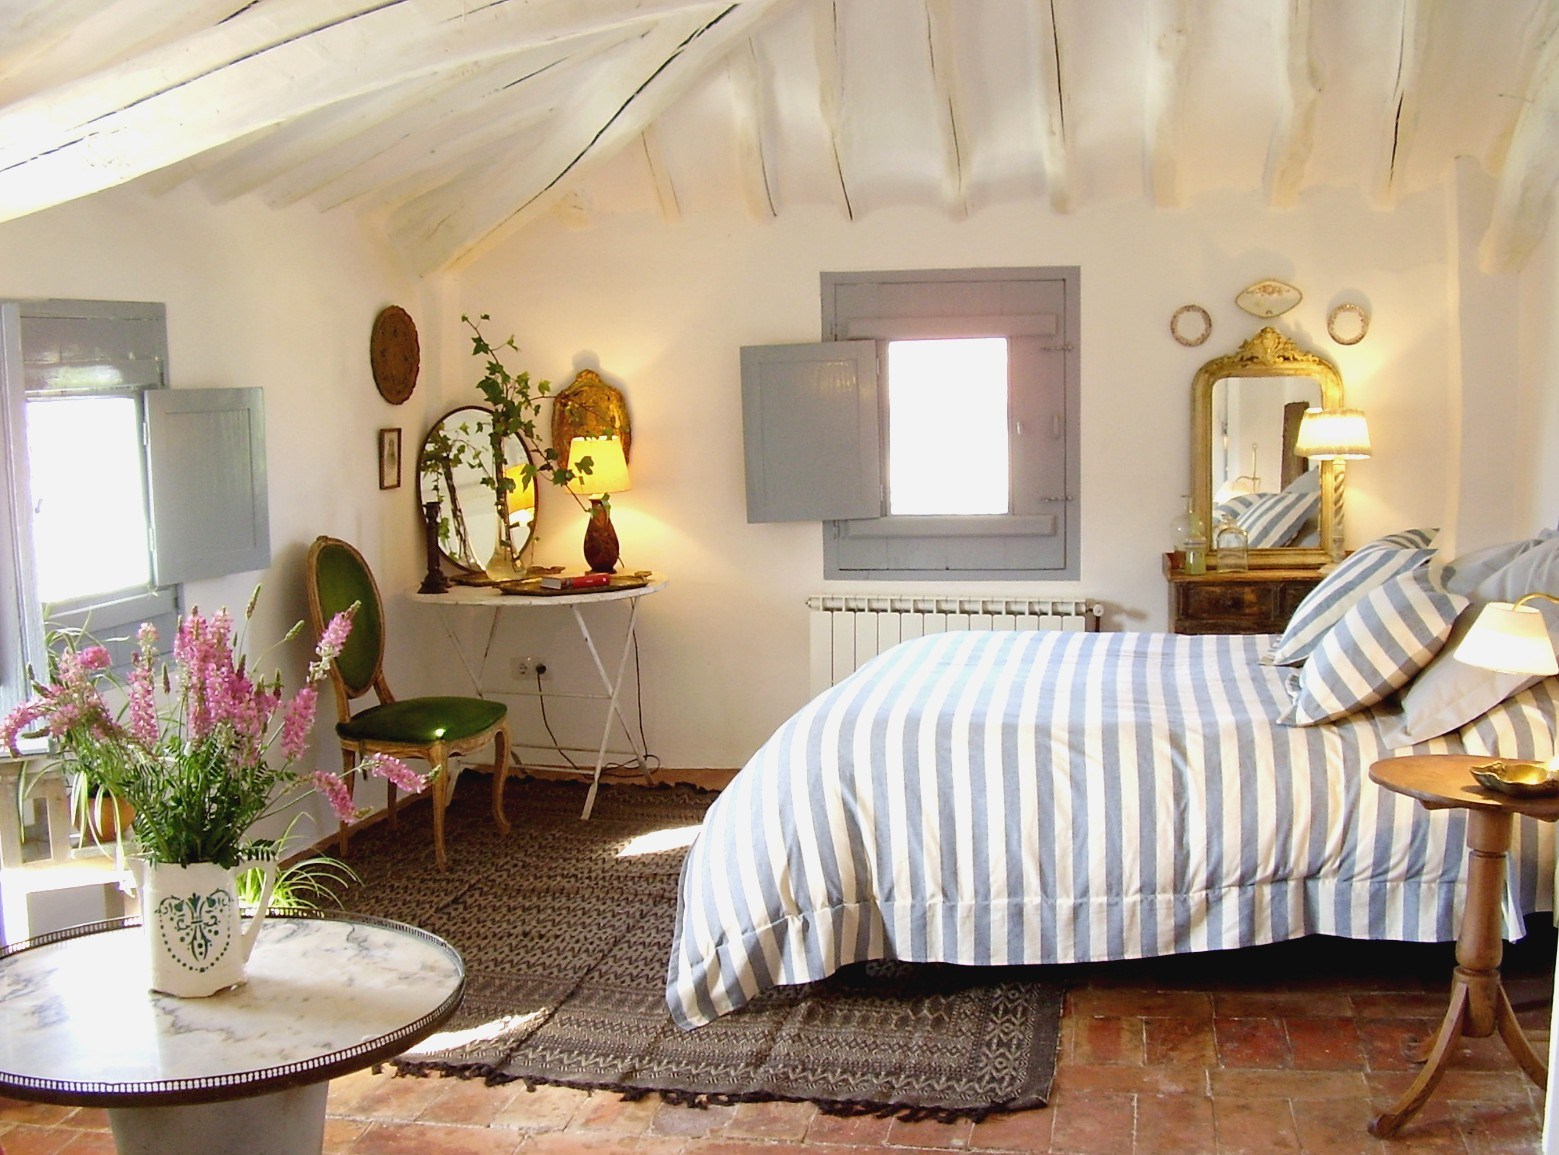 Vicky 39 s home una casa rural con encanto a charming - Pisos decorados con encanto ...